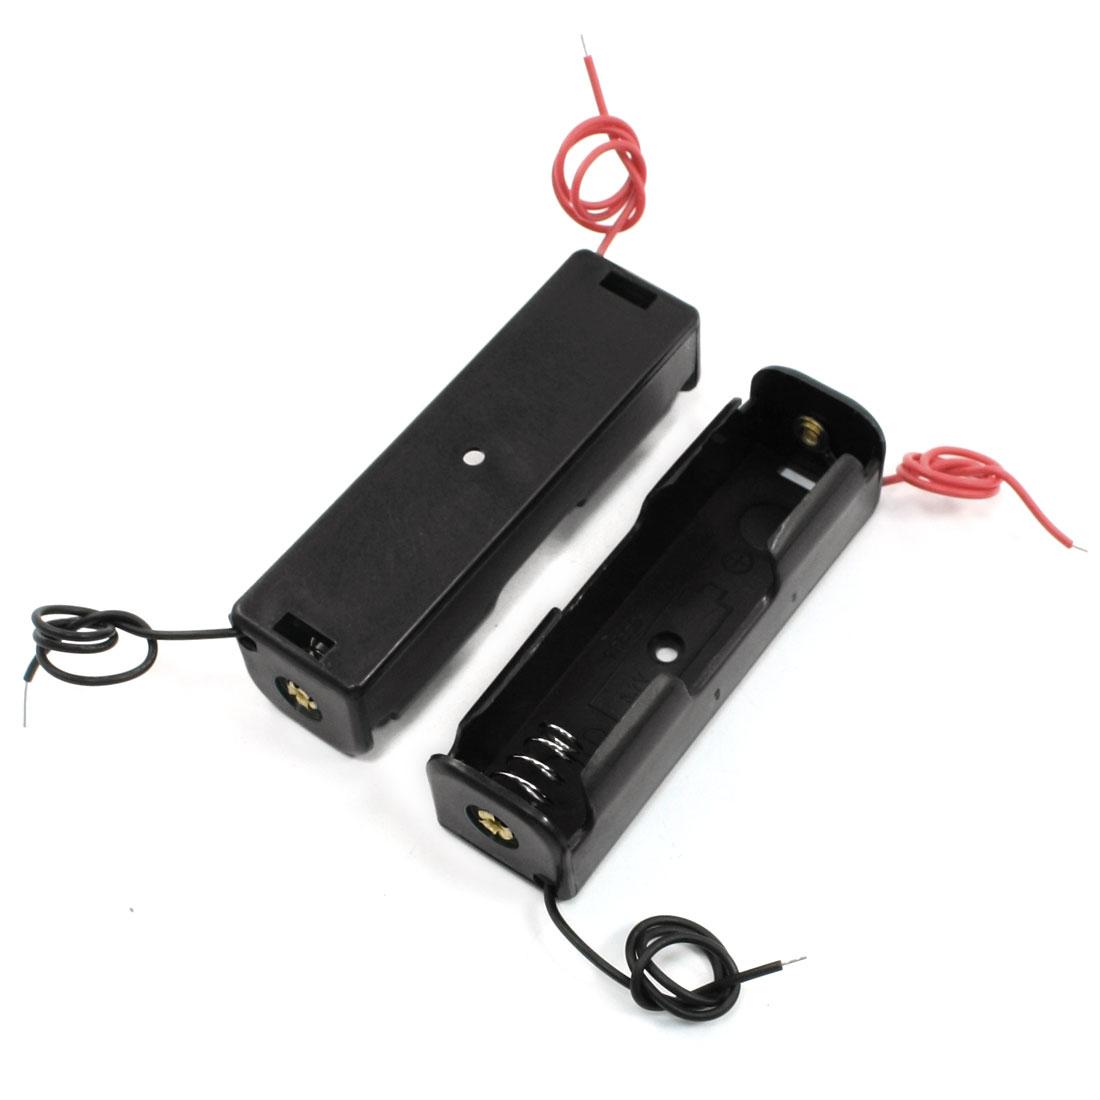 2 Pcs Black 1 x 3.7V 18650 Battery Holder Storage Case Box w Wire